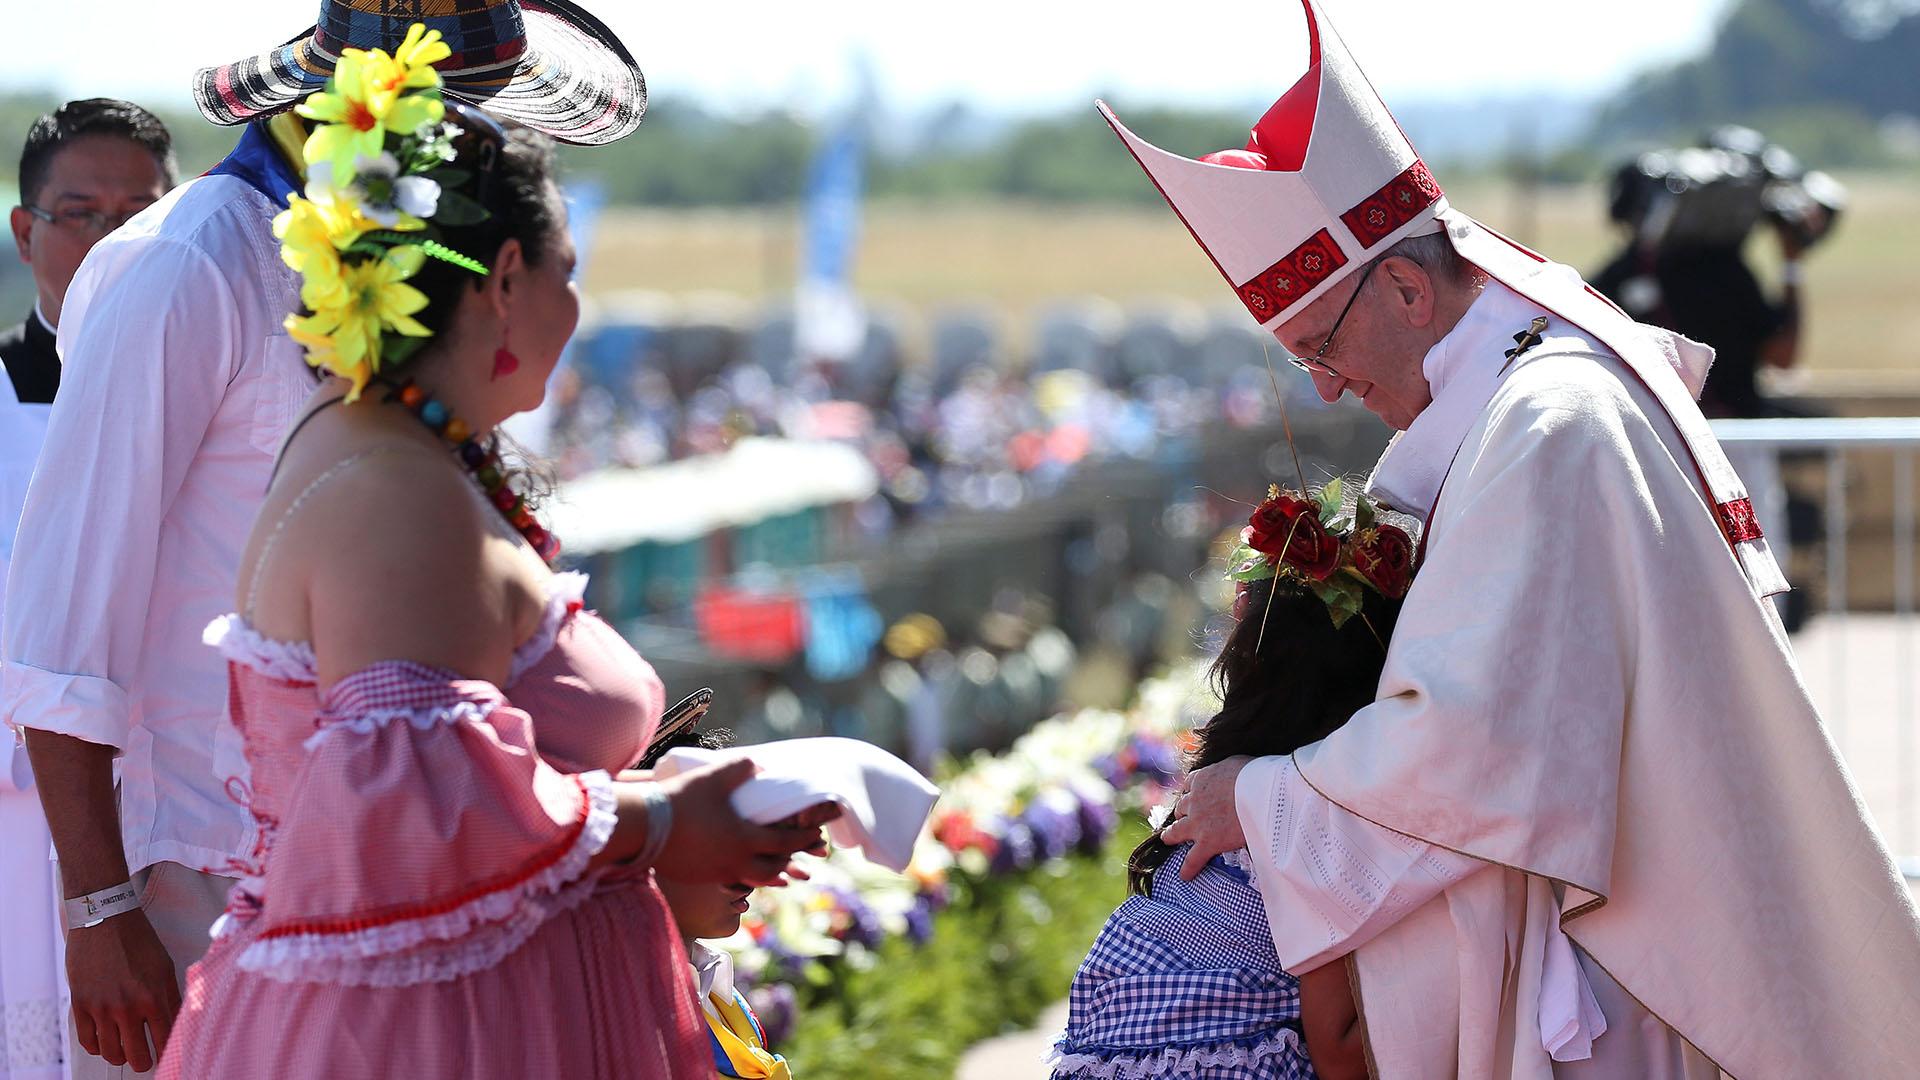 """""""Arauca tiene una pena que no la puedo callar. Son injusticias de siglos. Celebramos la misa en este aeródromo, en el cual tuvieron lugar graves violaciones de los derechos humanos"""", destacó el Papa (Reuters)"""